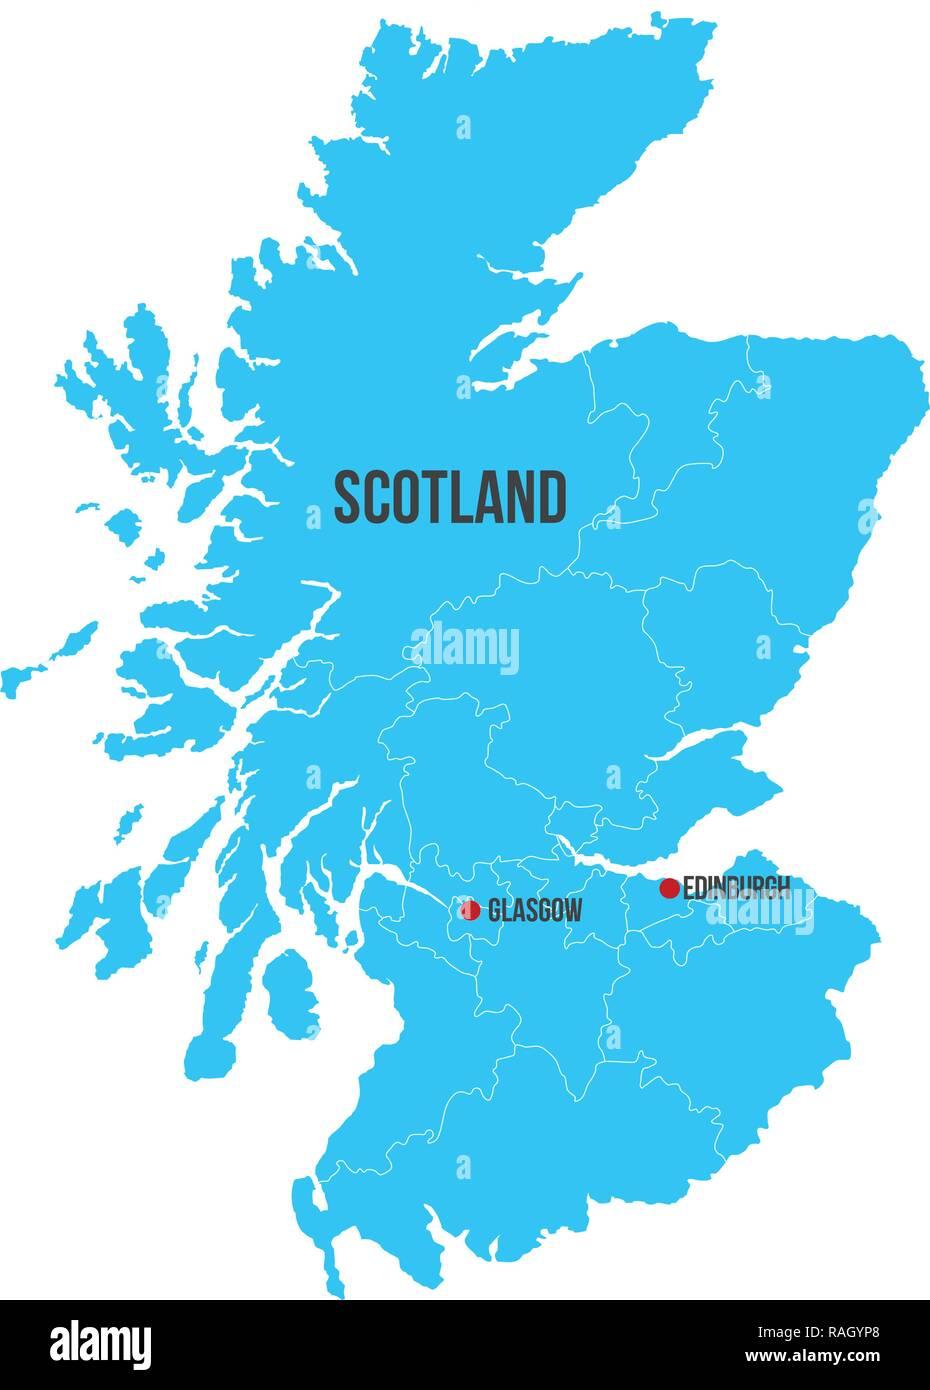 Scozia Cartina Dettagliata.Scozia Mappa Vettoriale Silhouette Isolati Su Sfondo Bianco Alta Silhouette Dettagliata Illustrazione Design Pulito Immagine E Vettoriale Alamy